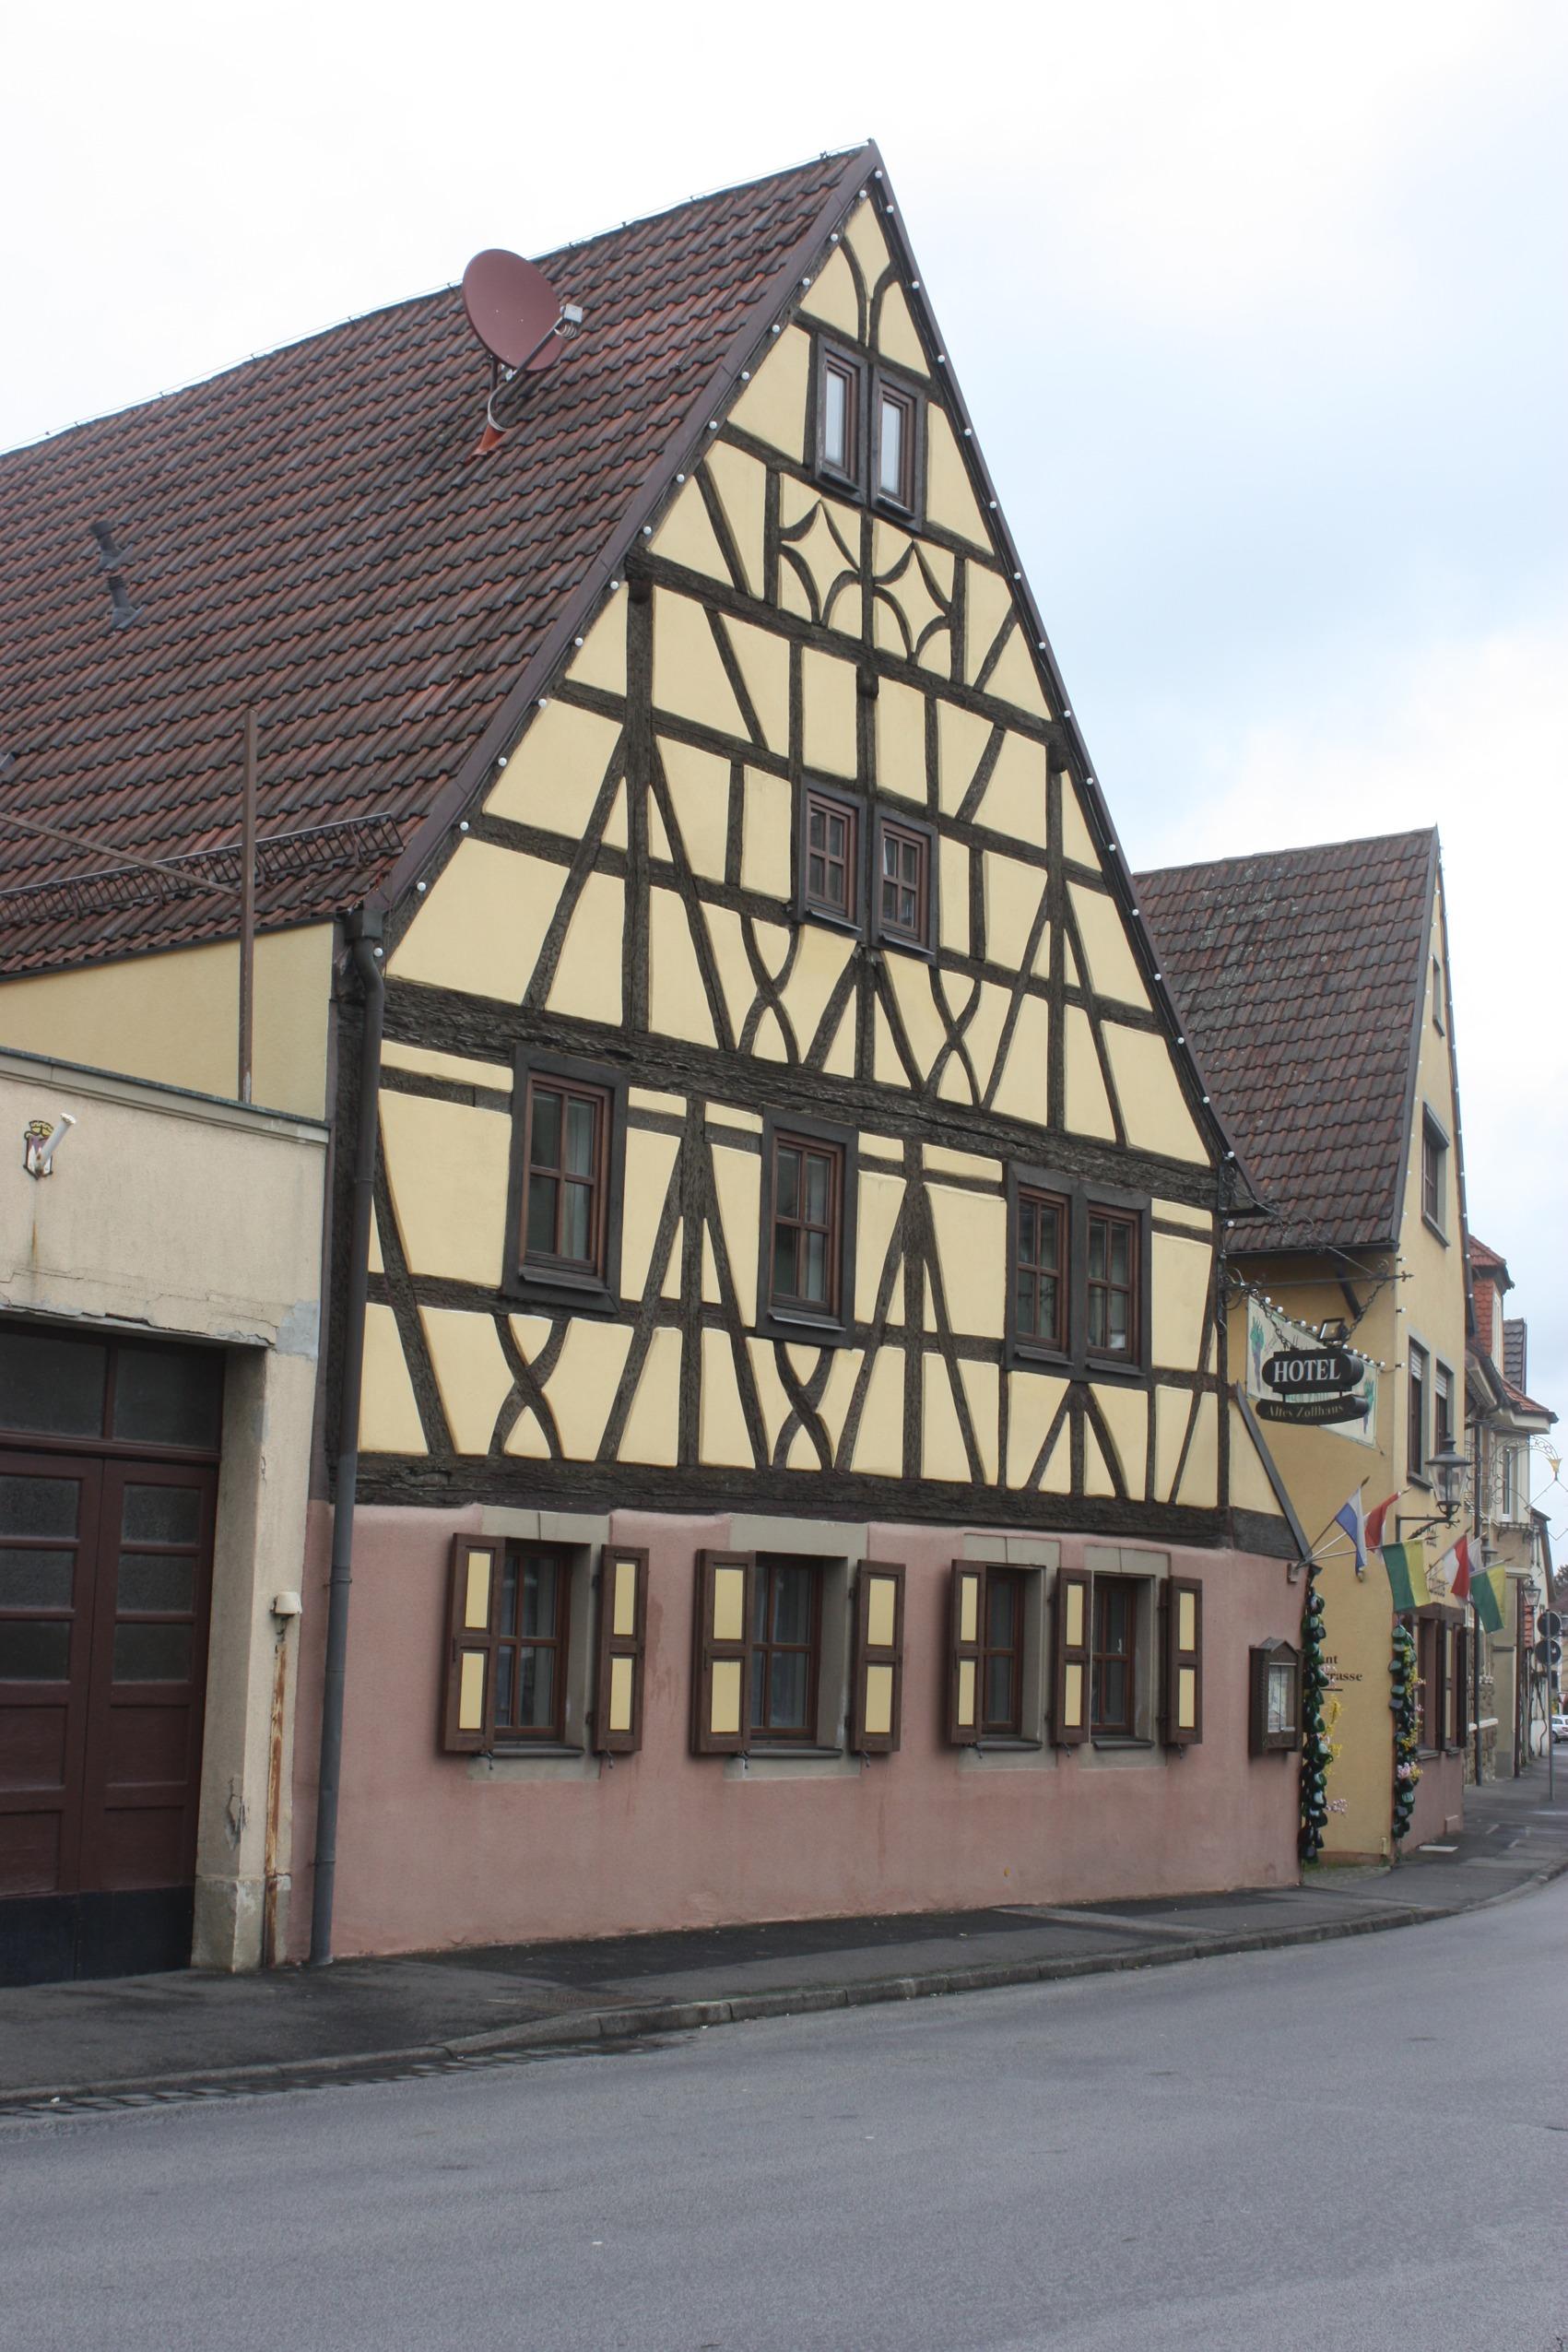 File Gerolzhofen Das Hotel Altes Zollhaus Jpg Wikimedia